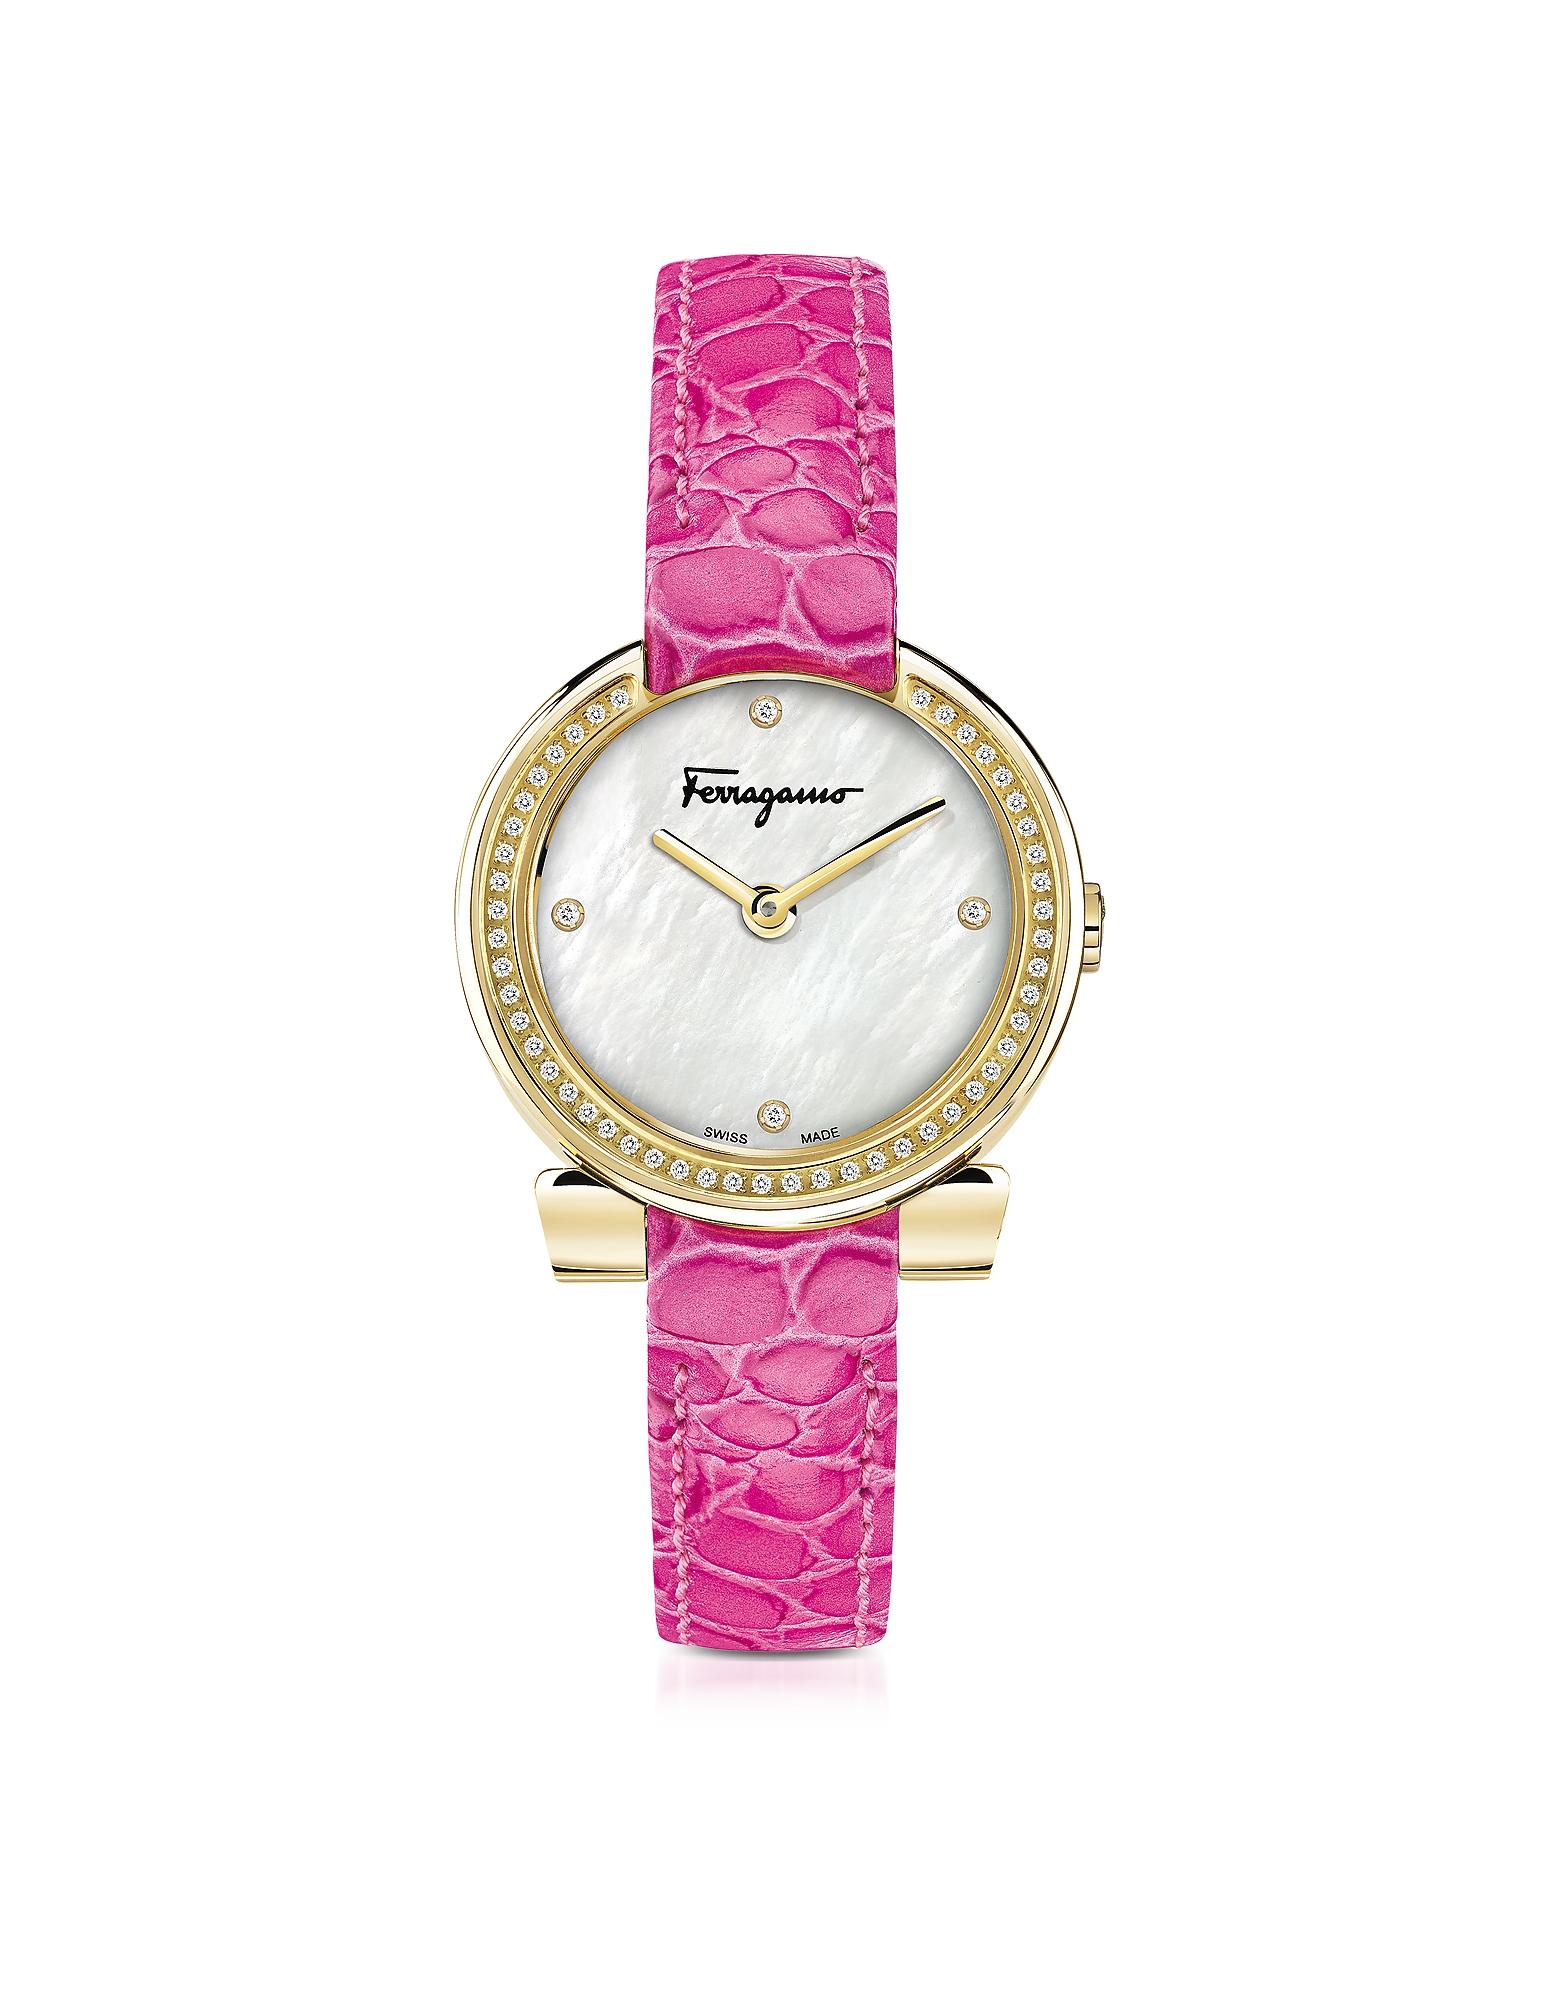 Фото Gancino - Позолоченные Женские Часы из Нержавеющей Стали с Белым Перламутровым Циферблатом на Розовом Ремешке из Кожи под Крокодиловую. Купить с доставкой